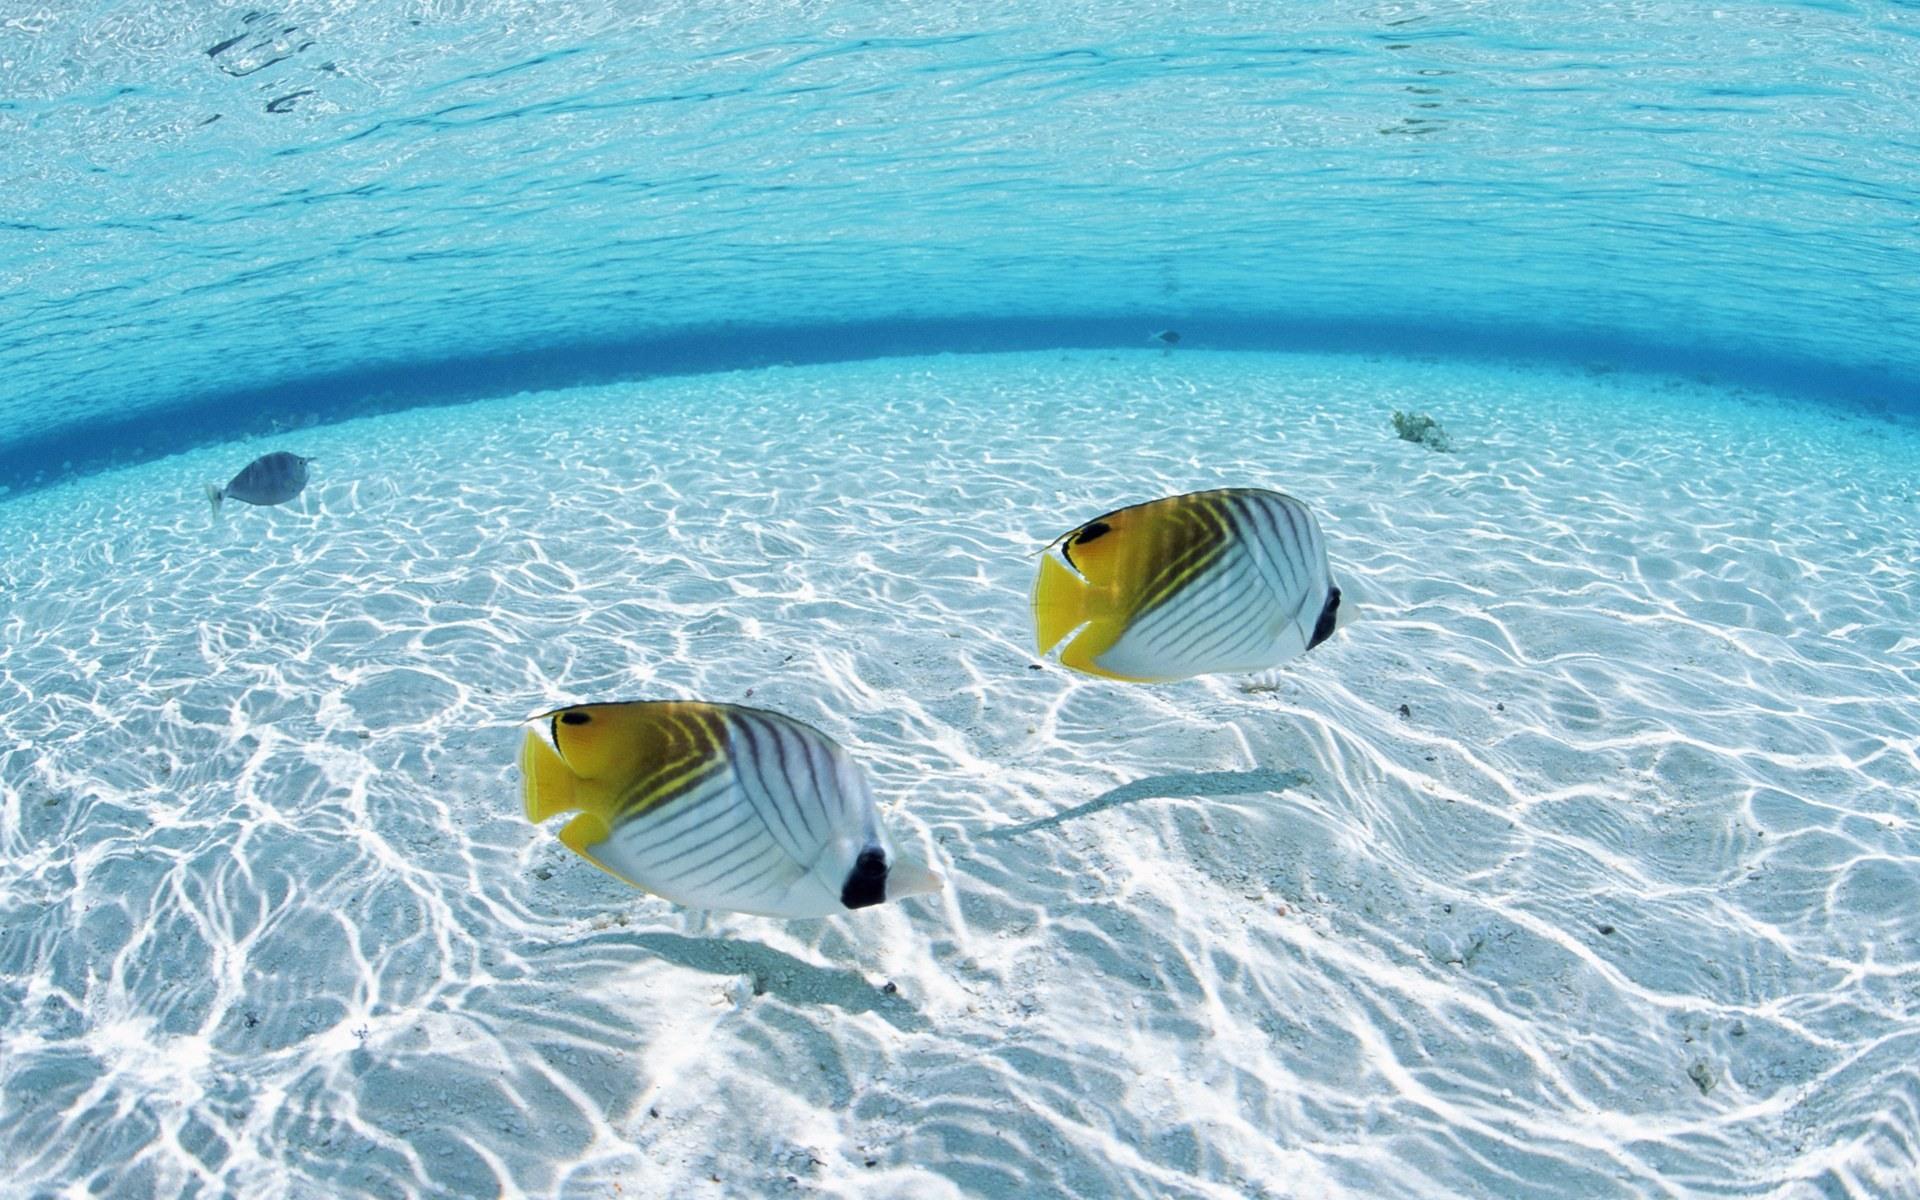 the ocean desktop wallpaper download fish in the ocean wallpaper in hd 1920x1200